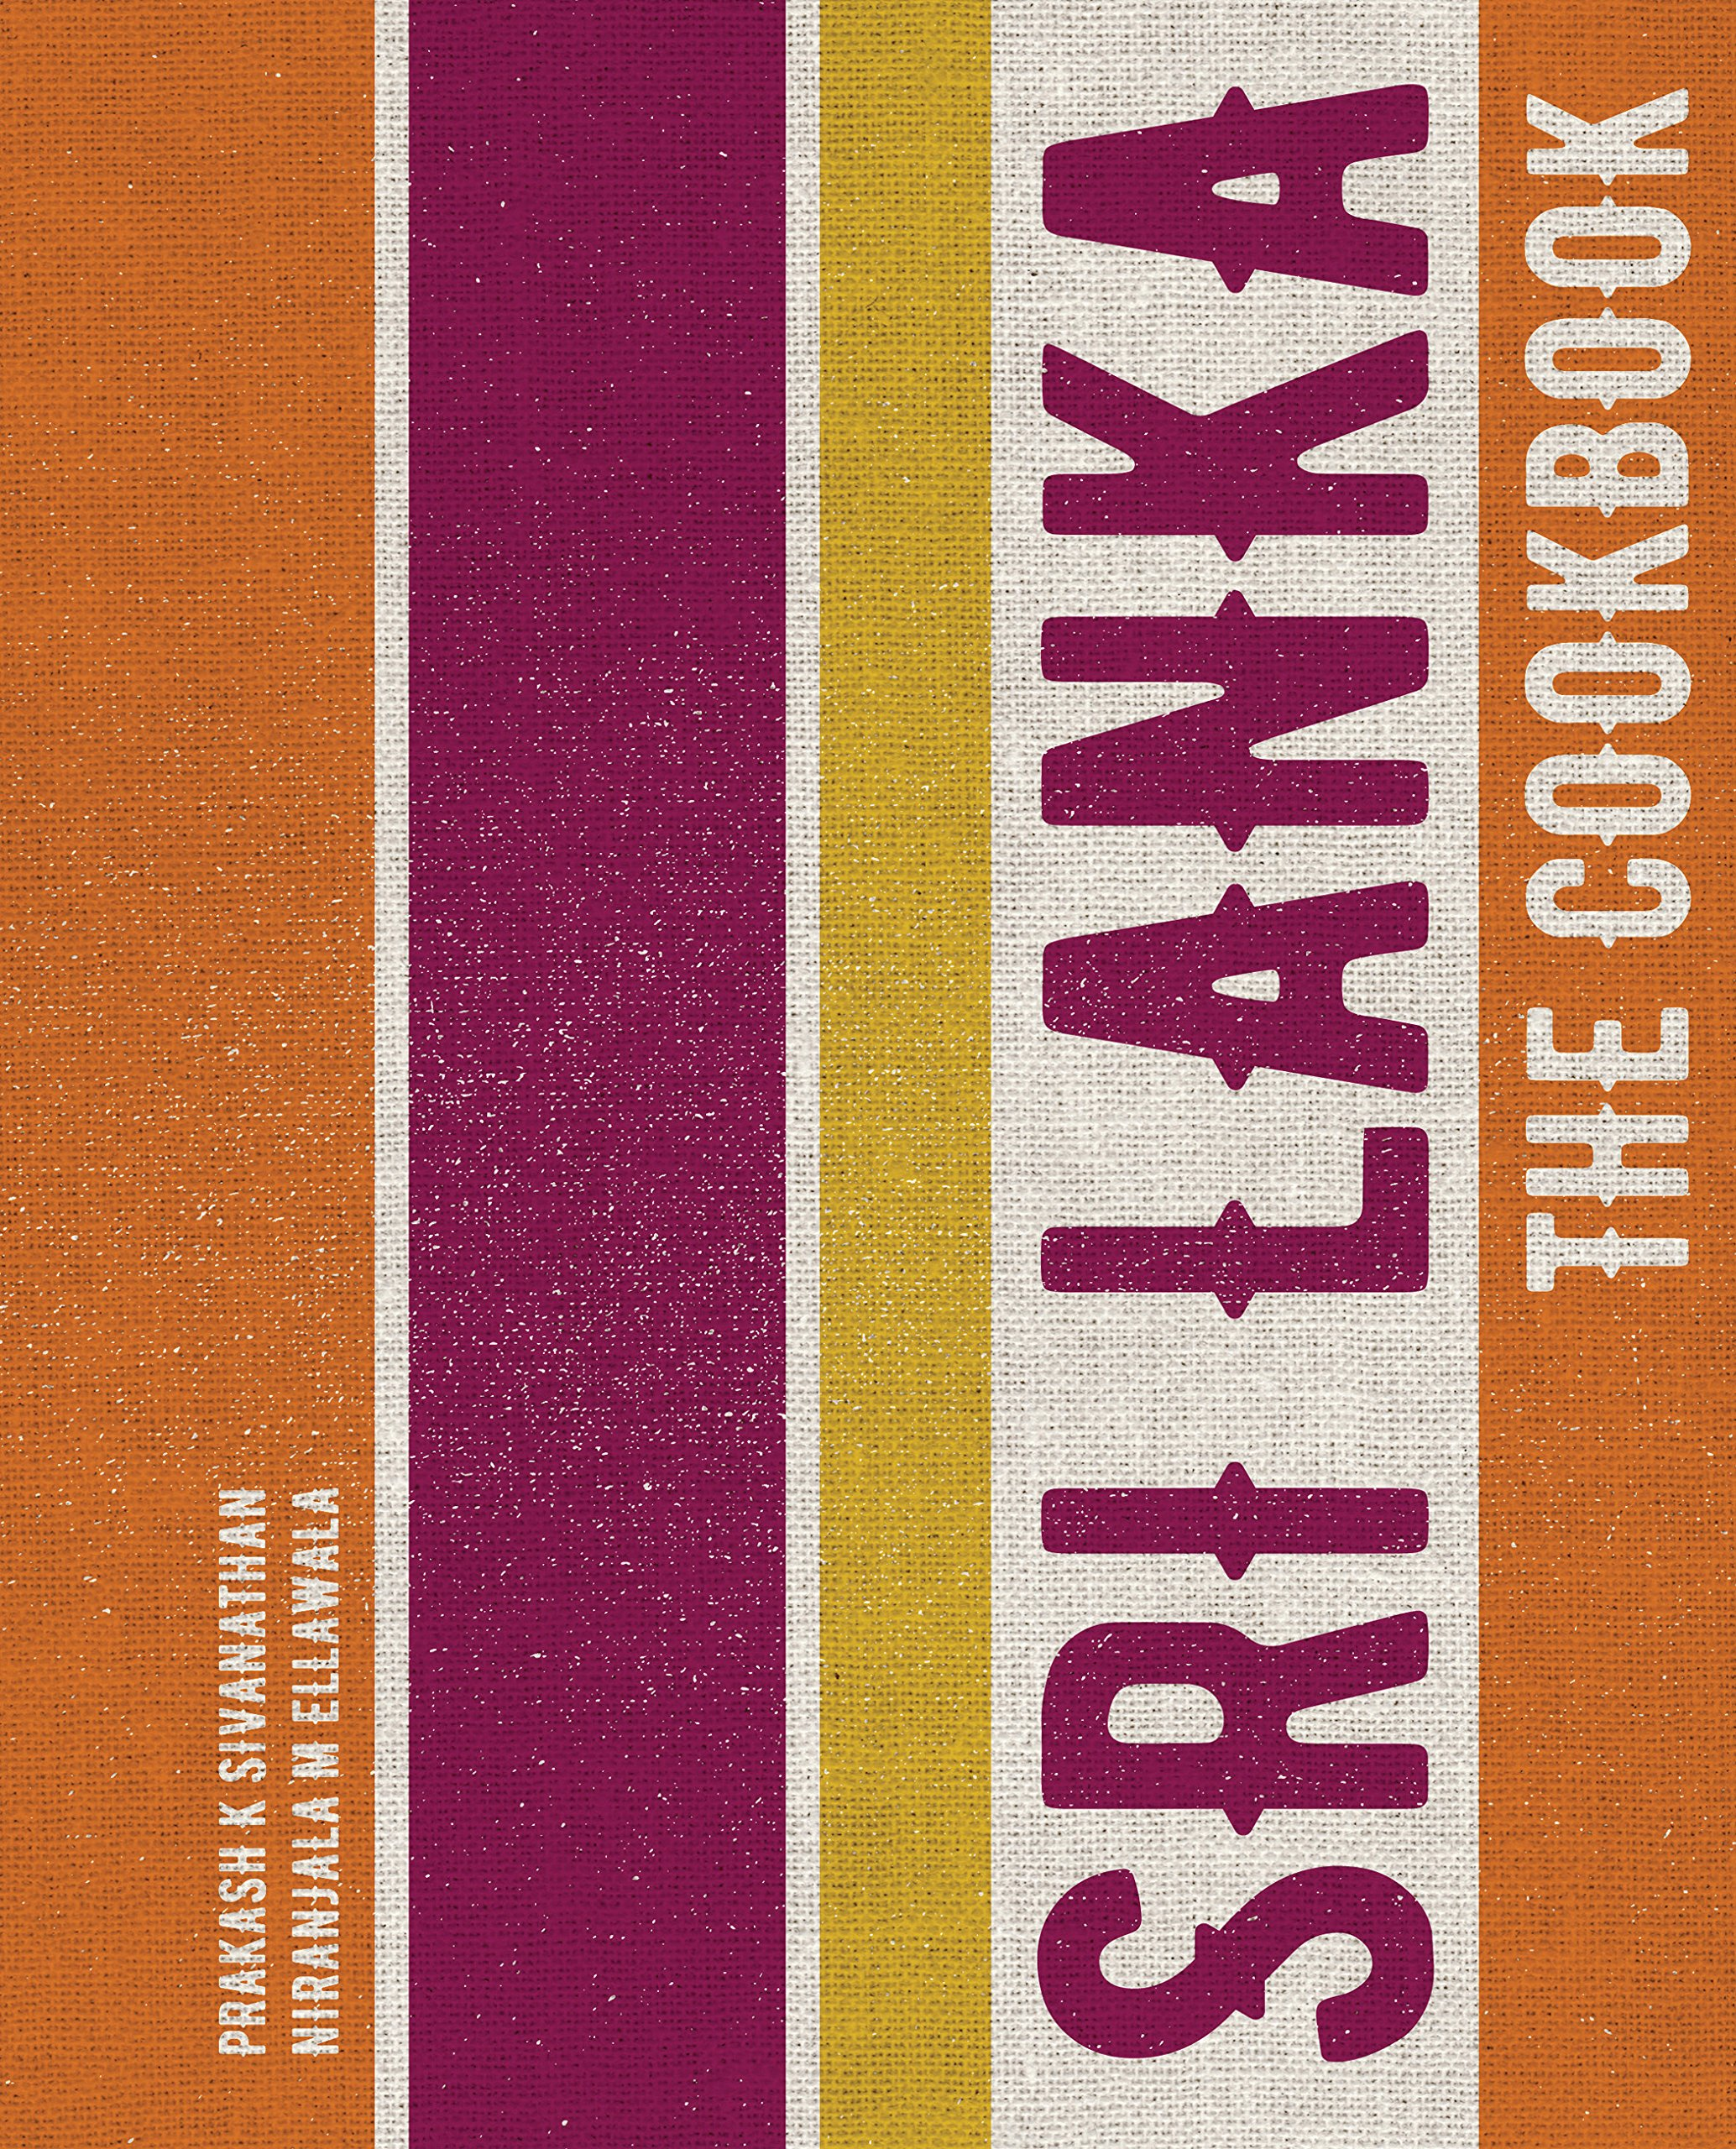 Sri Lanka: The Cookbook